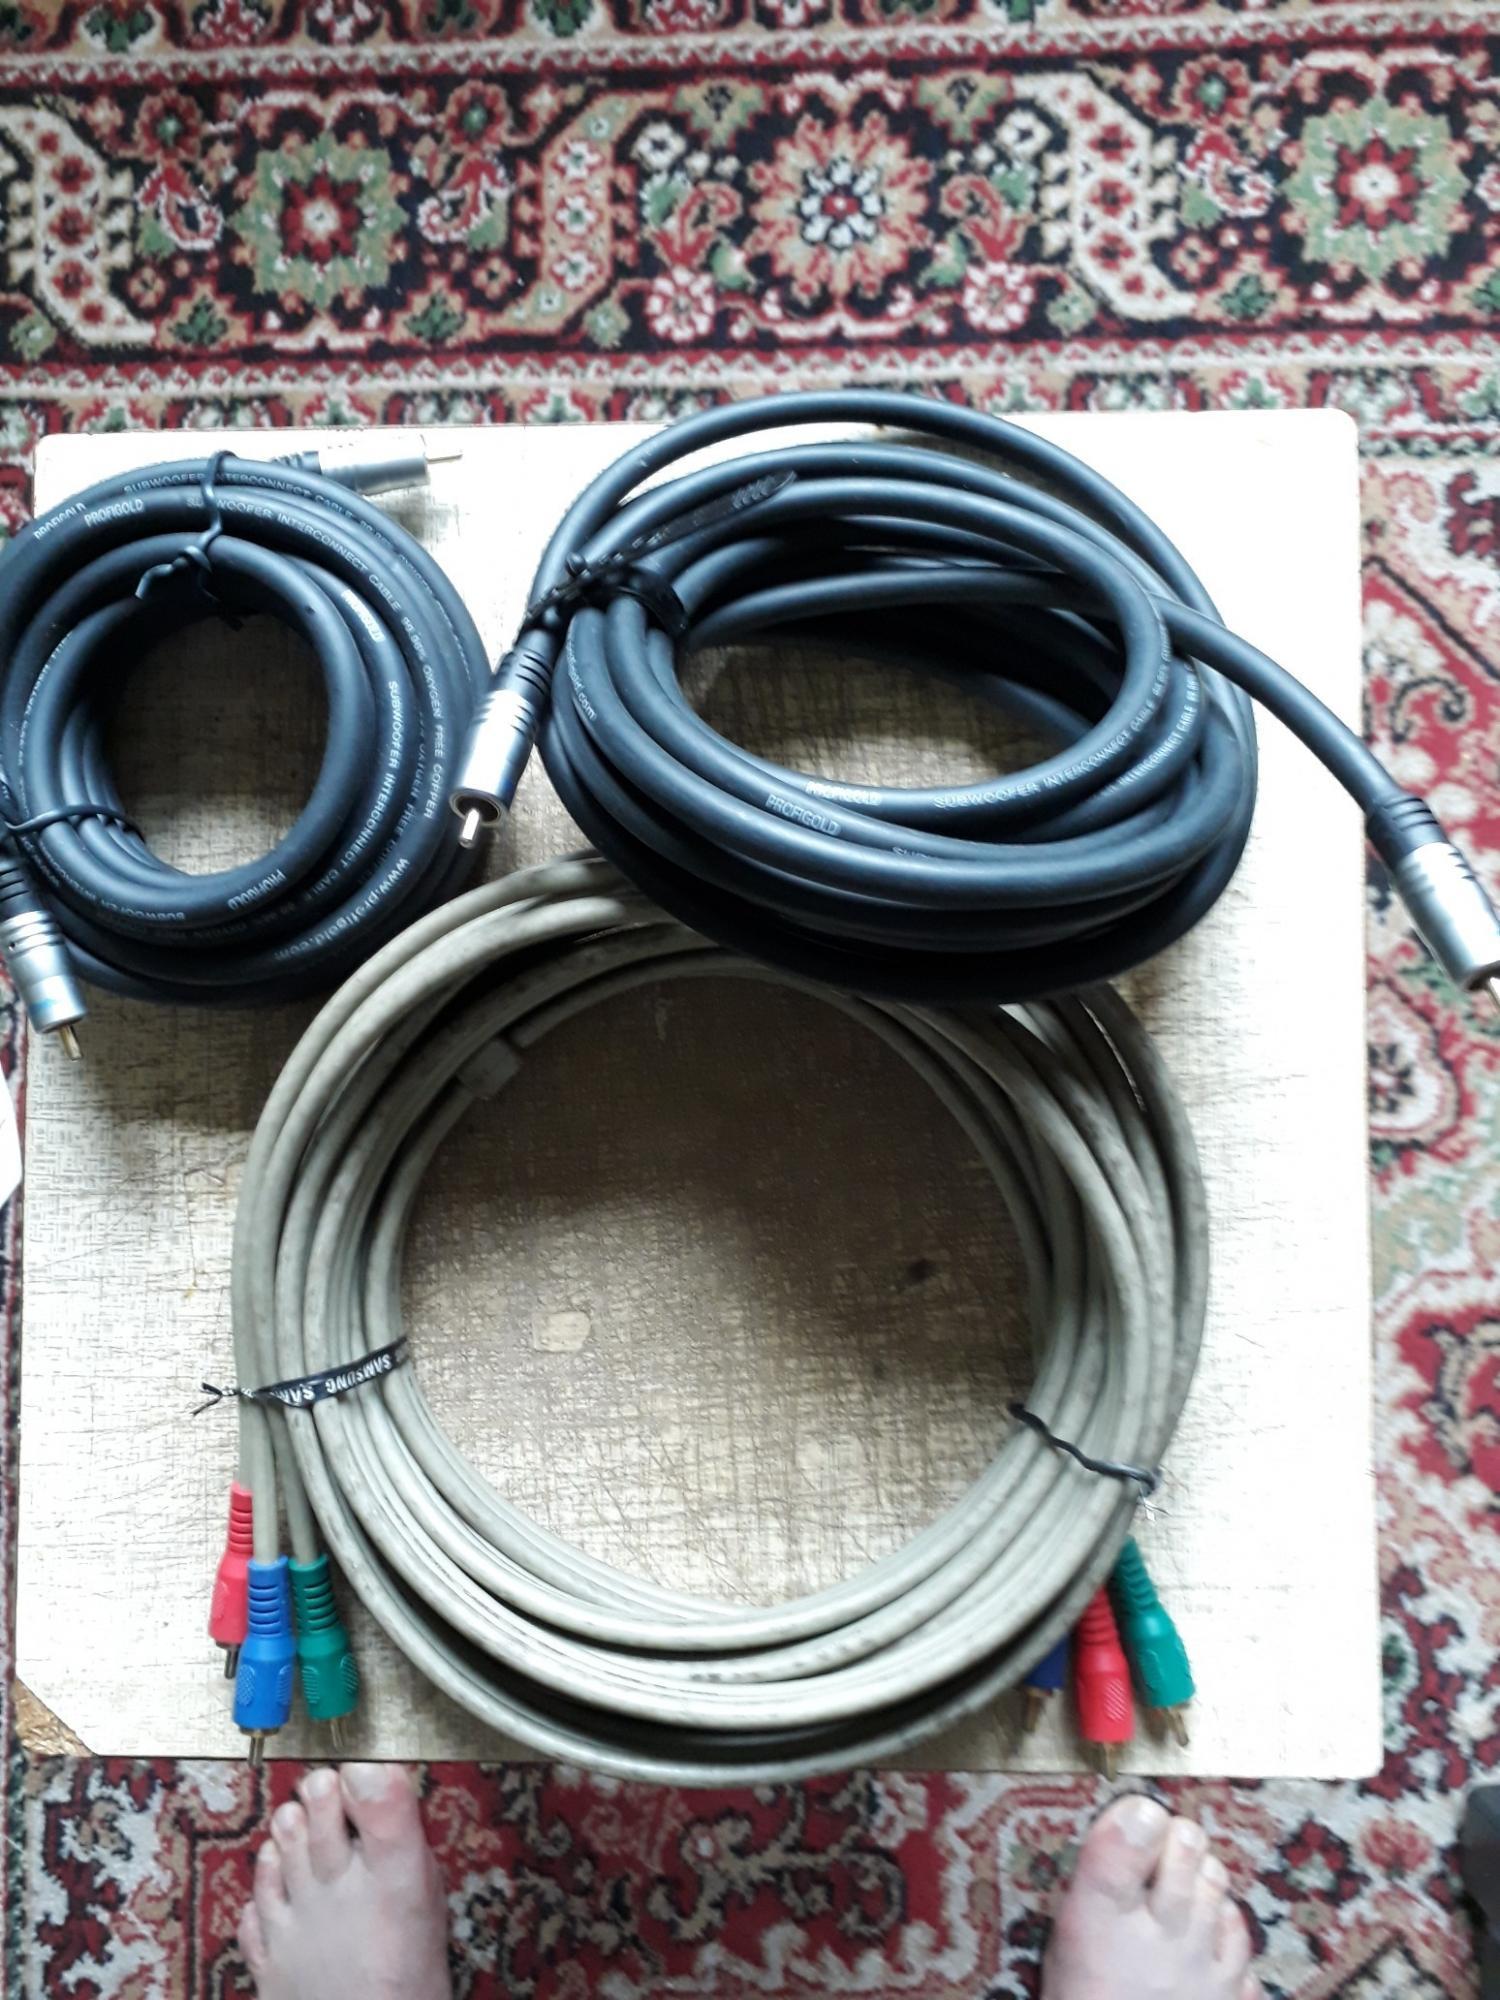 профиголд.аудио-видео кабель в Хабаровске 89622243733 купить 2